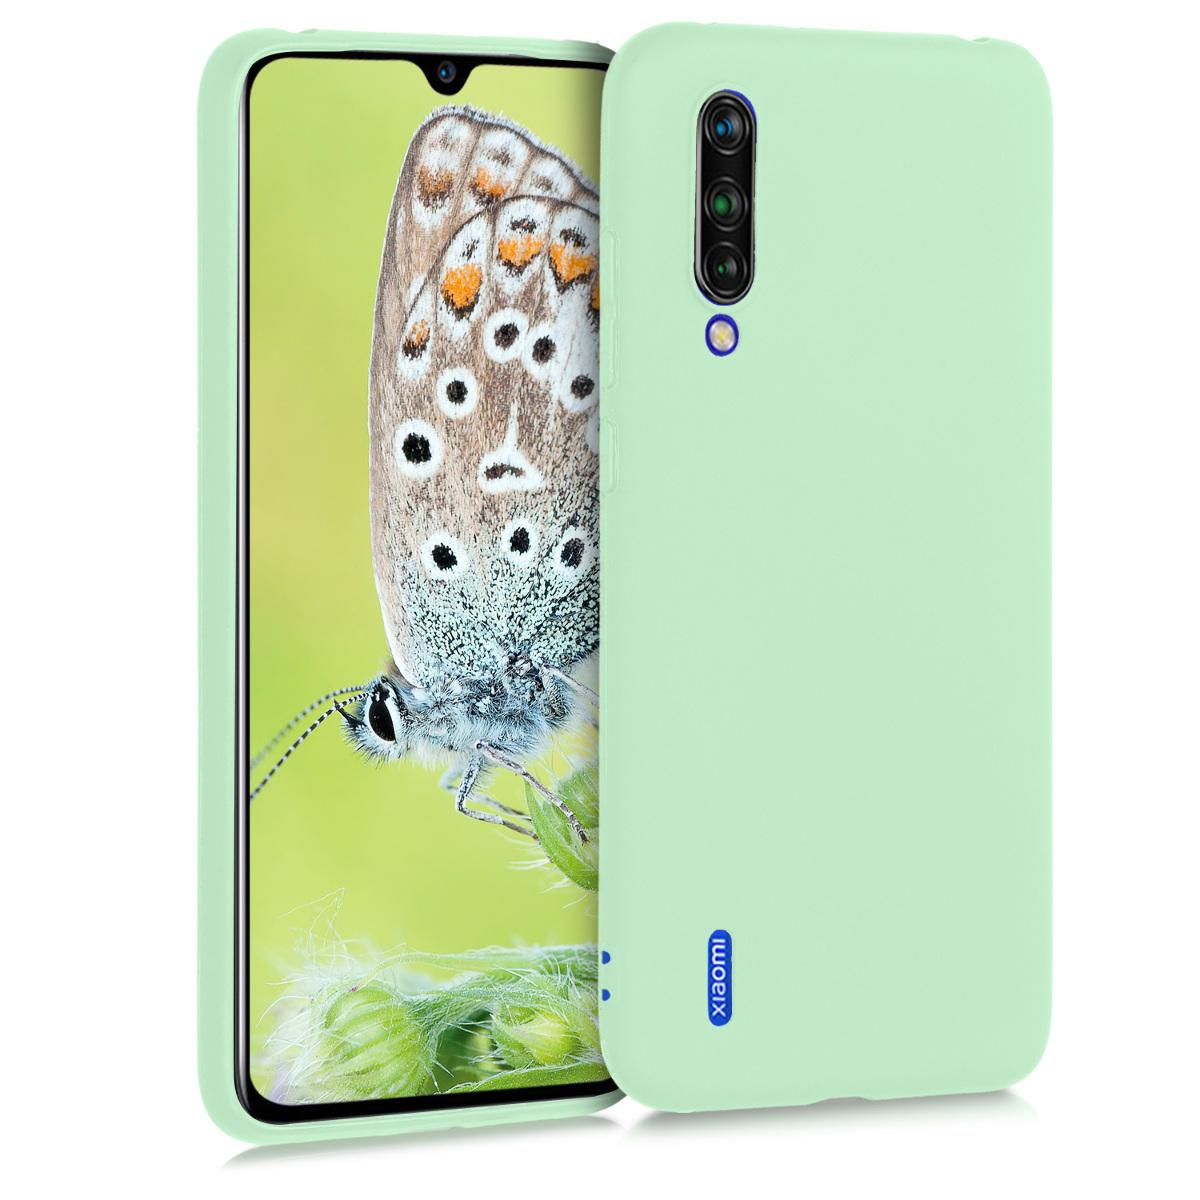 KW Θήκη Σιλικόνης Xiaomi Mi 9 Lite - Mint Matte (50582.50)